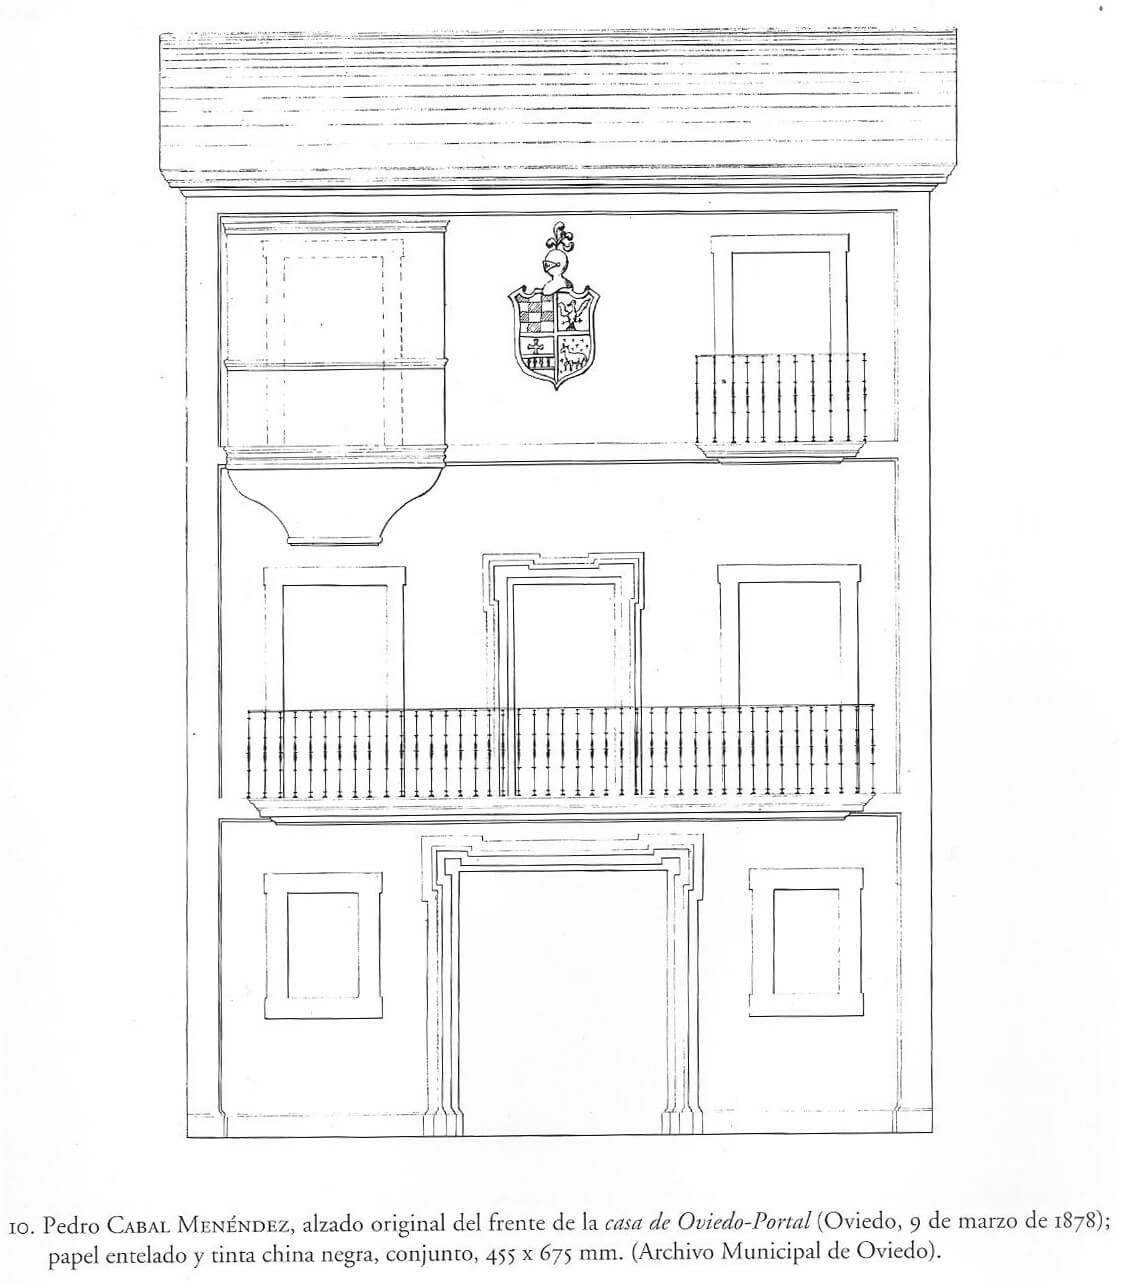 Alzado original de la Casa de Oviedo-Portal por Pedro Cabal (1878)